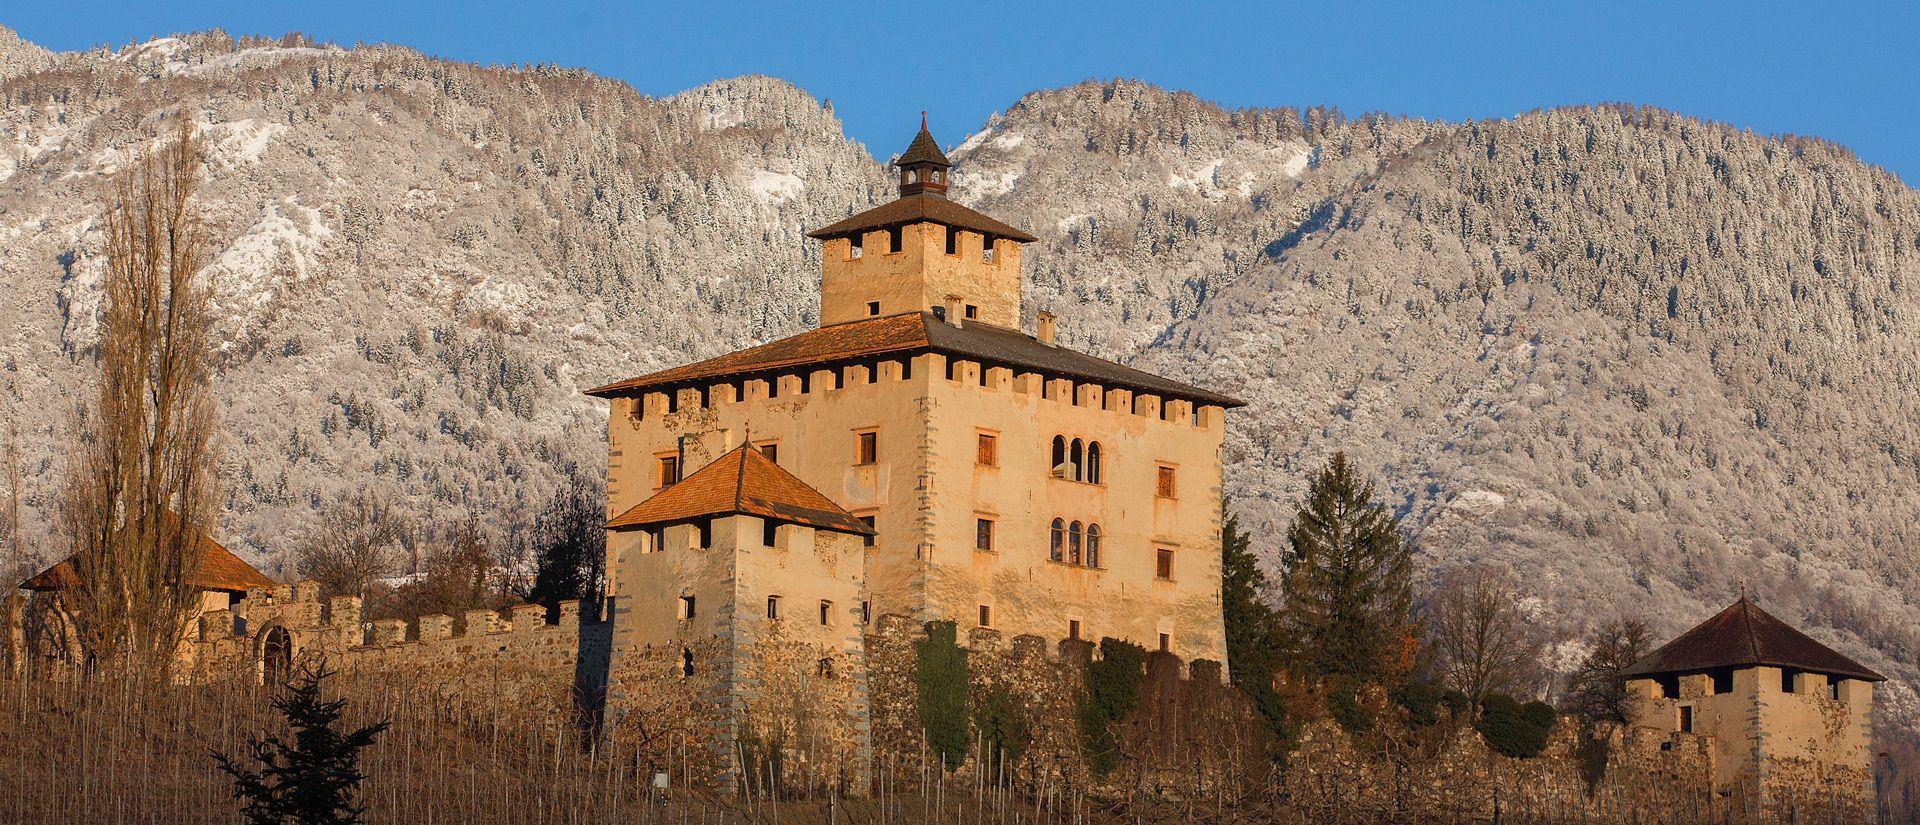 Che meraviglia.... ecco a voi Castel Nanno! (immagine tratta dal sito web castellivaldinon.it)